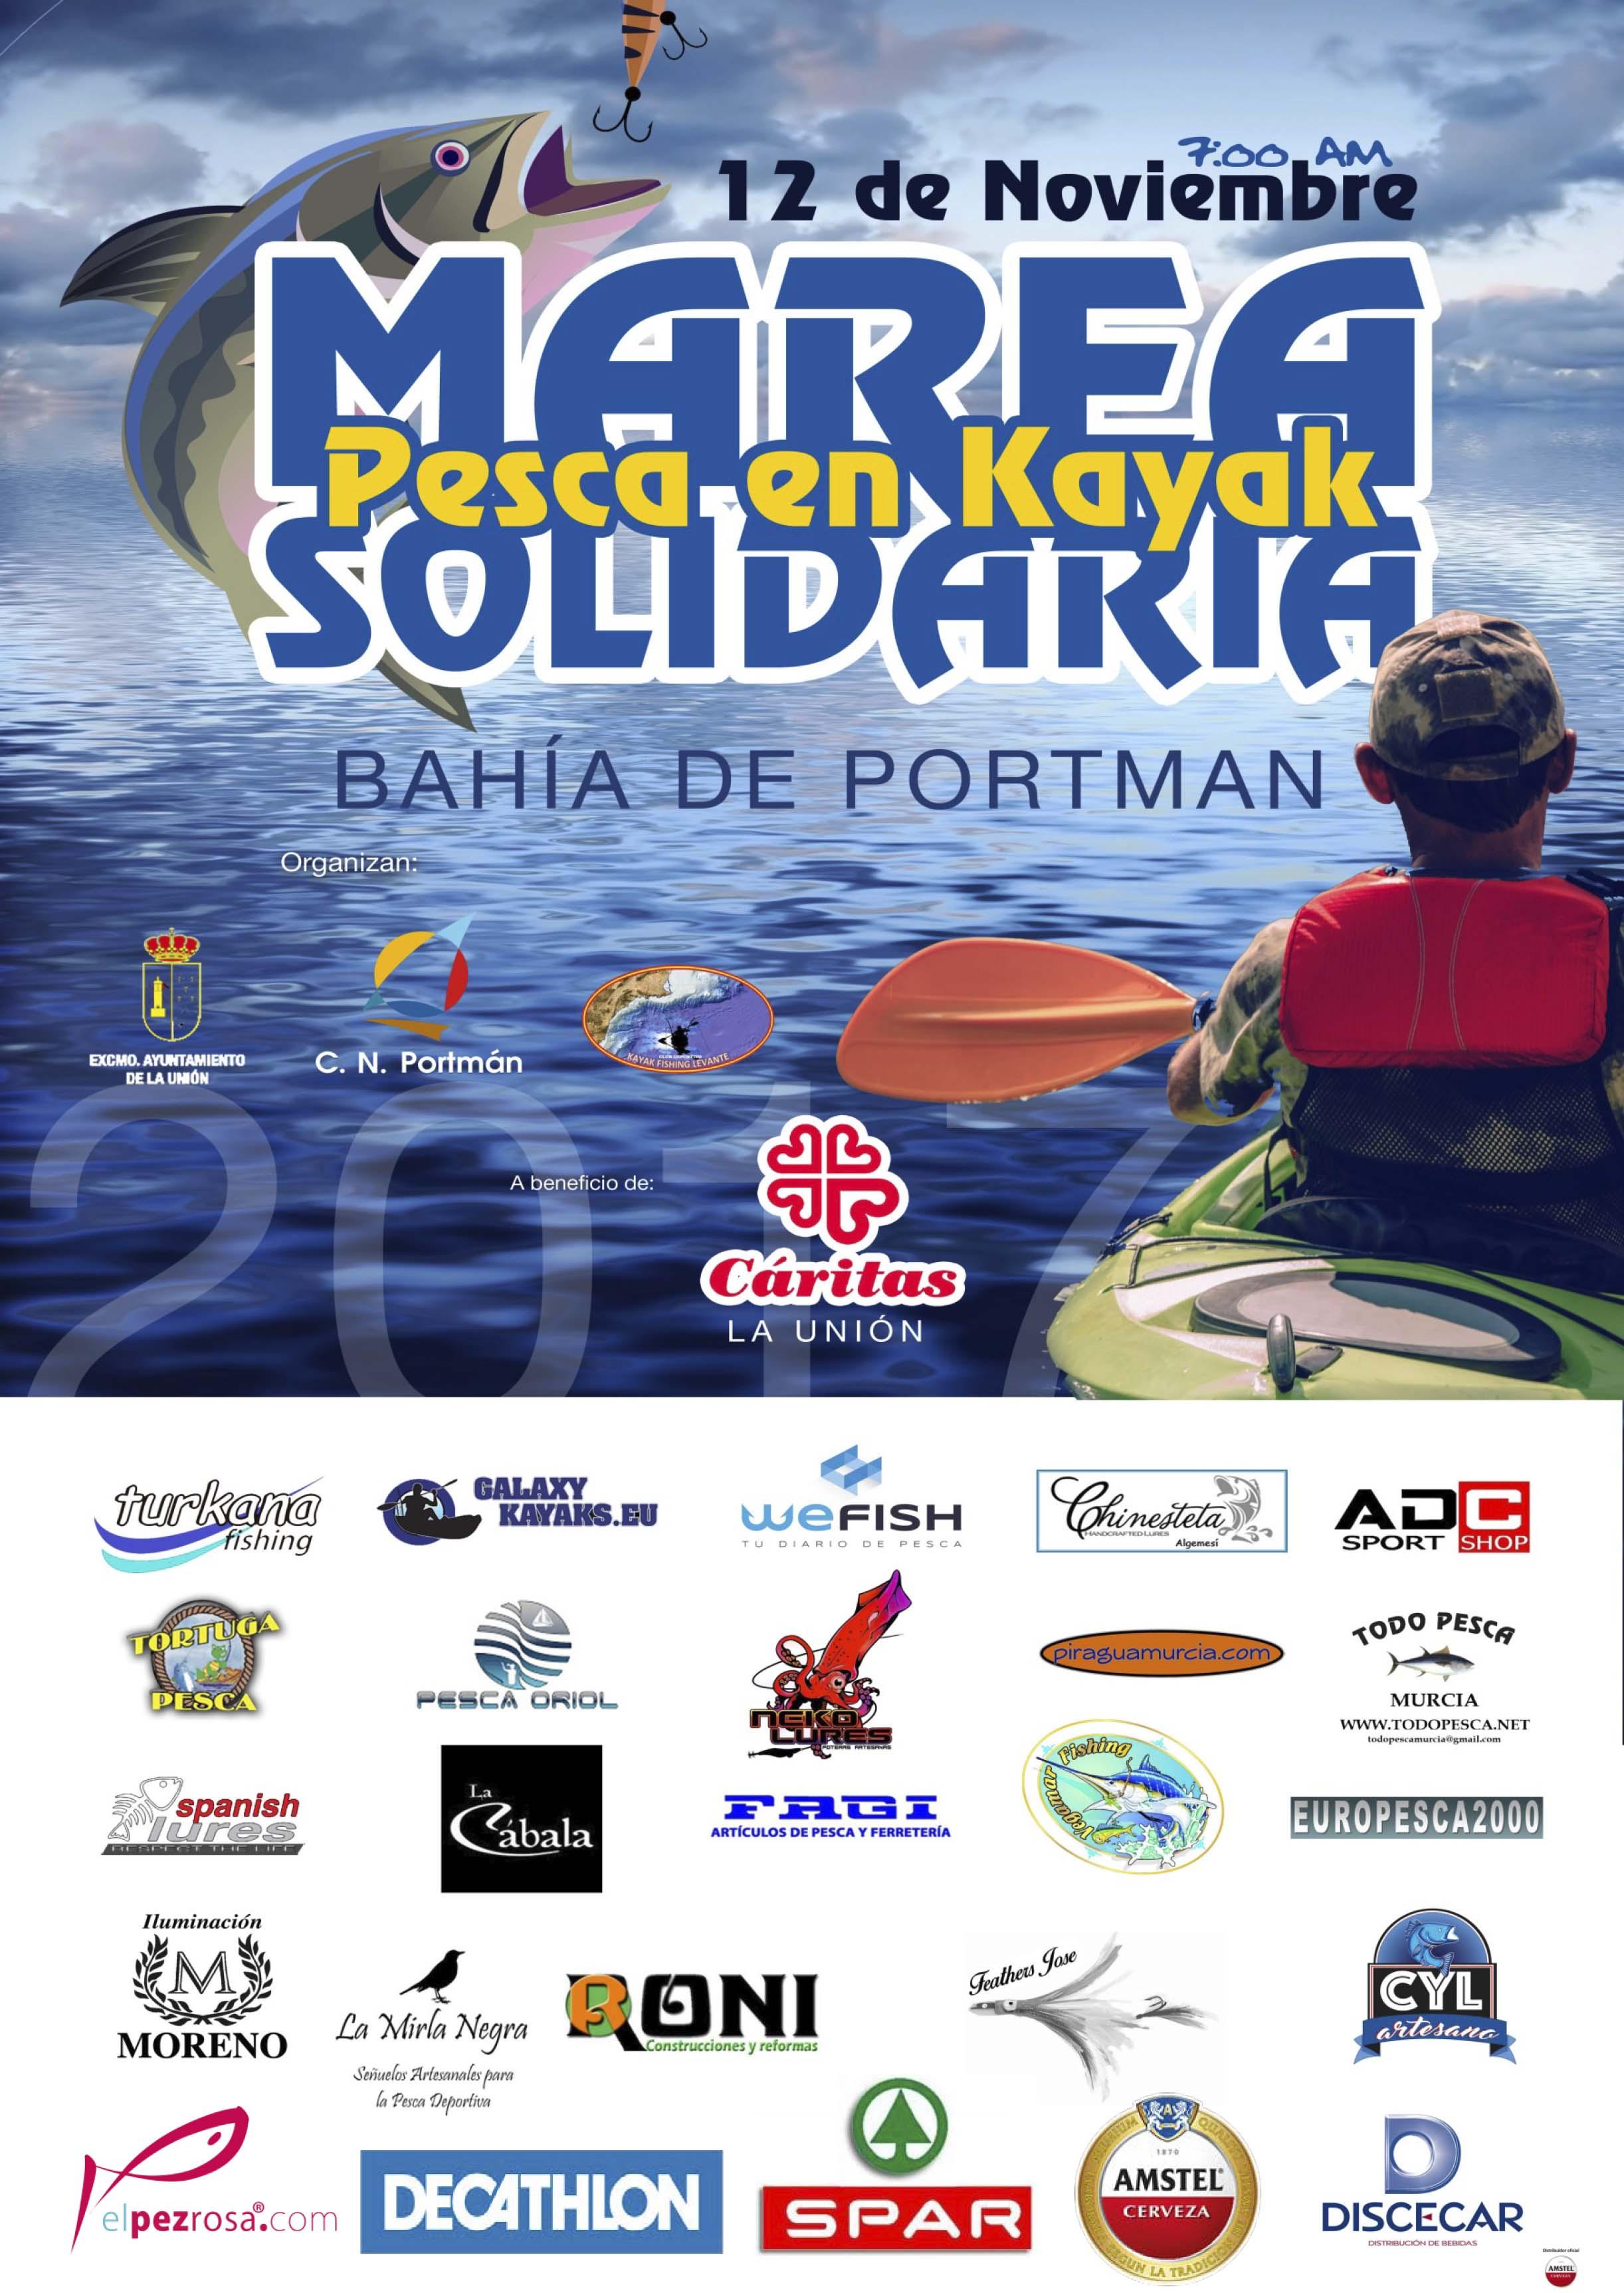 Pesca en kayak. Marea solidaria.